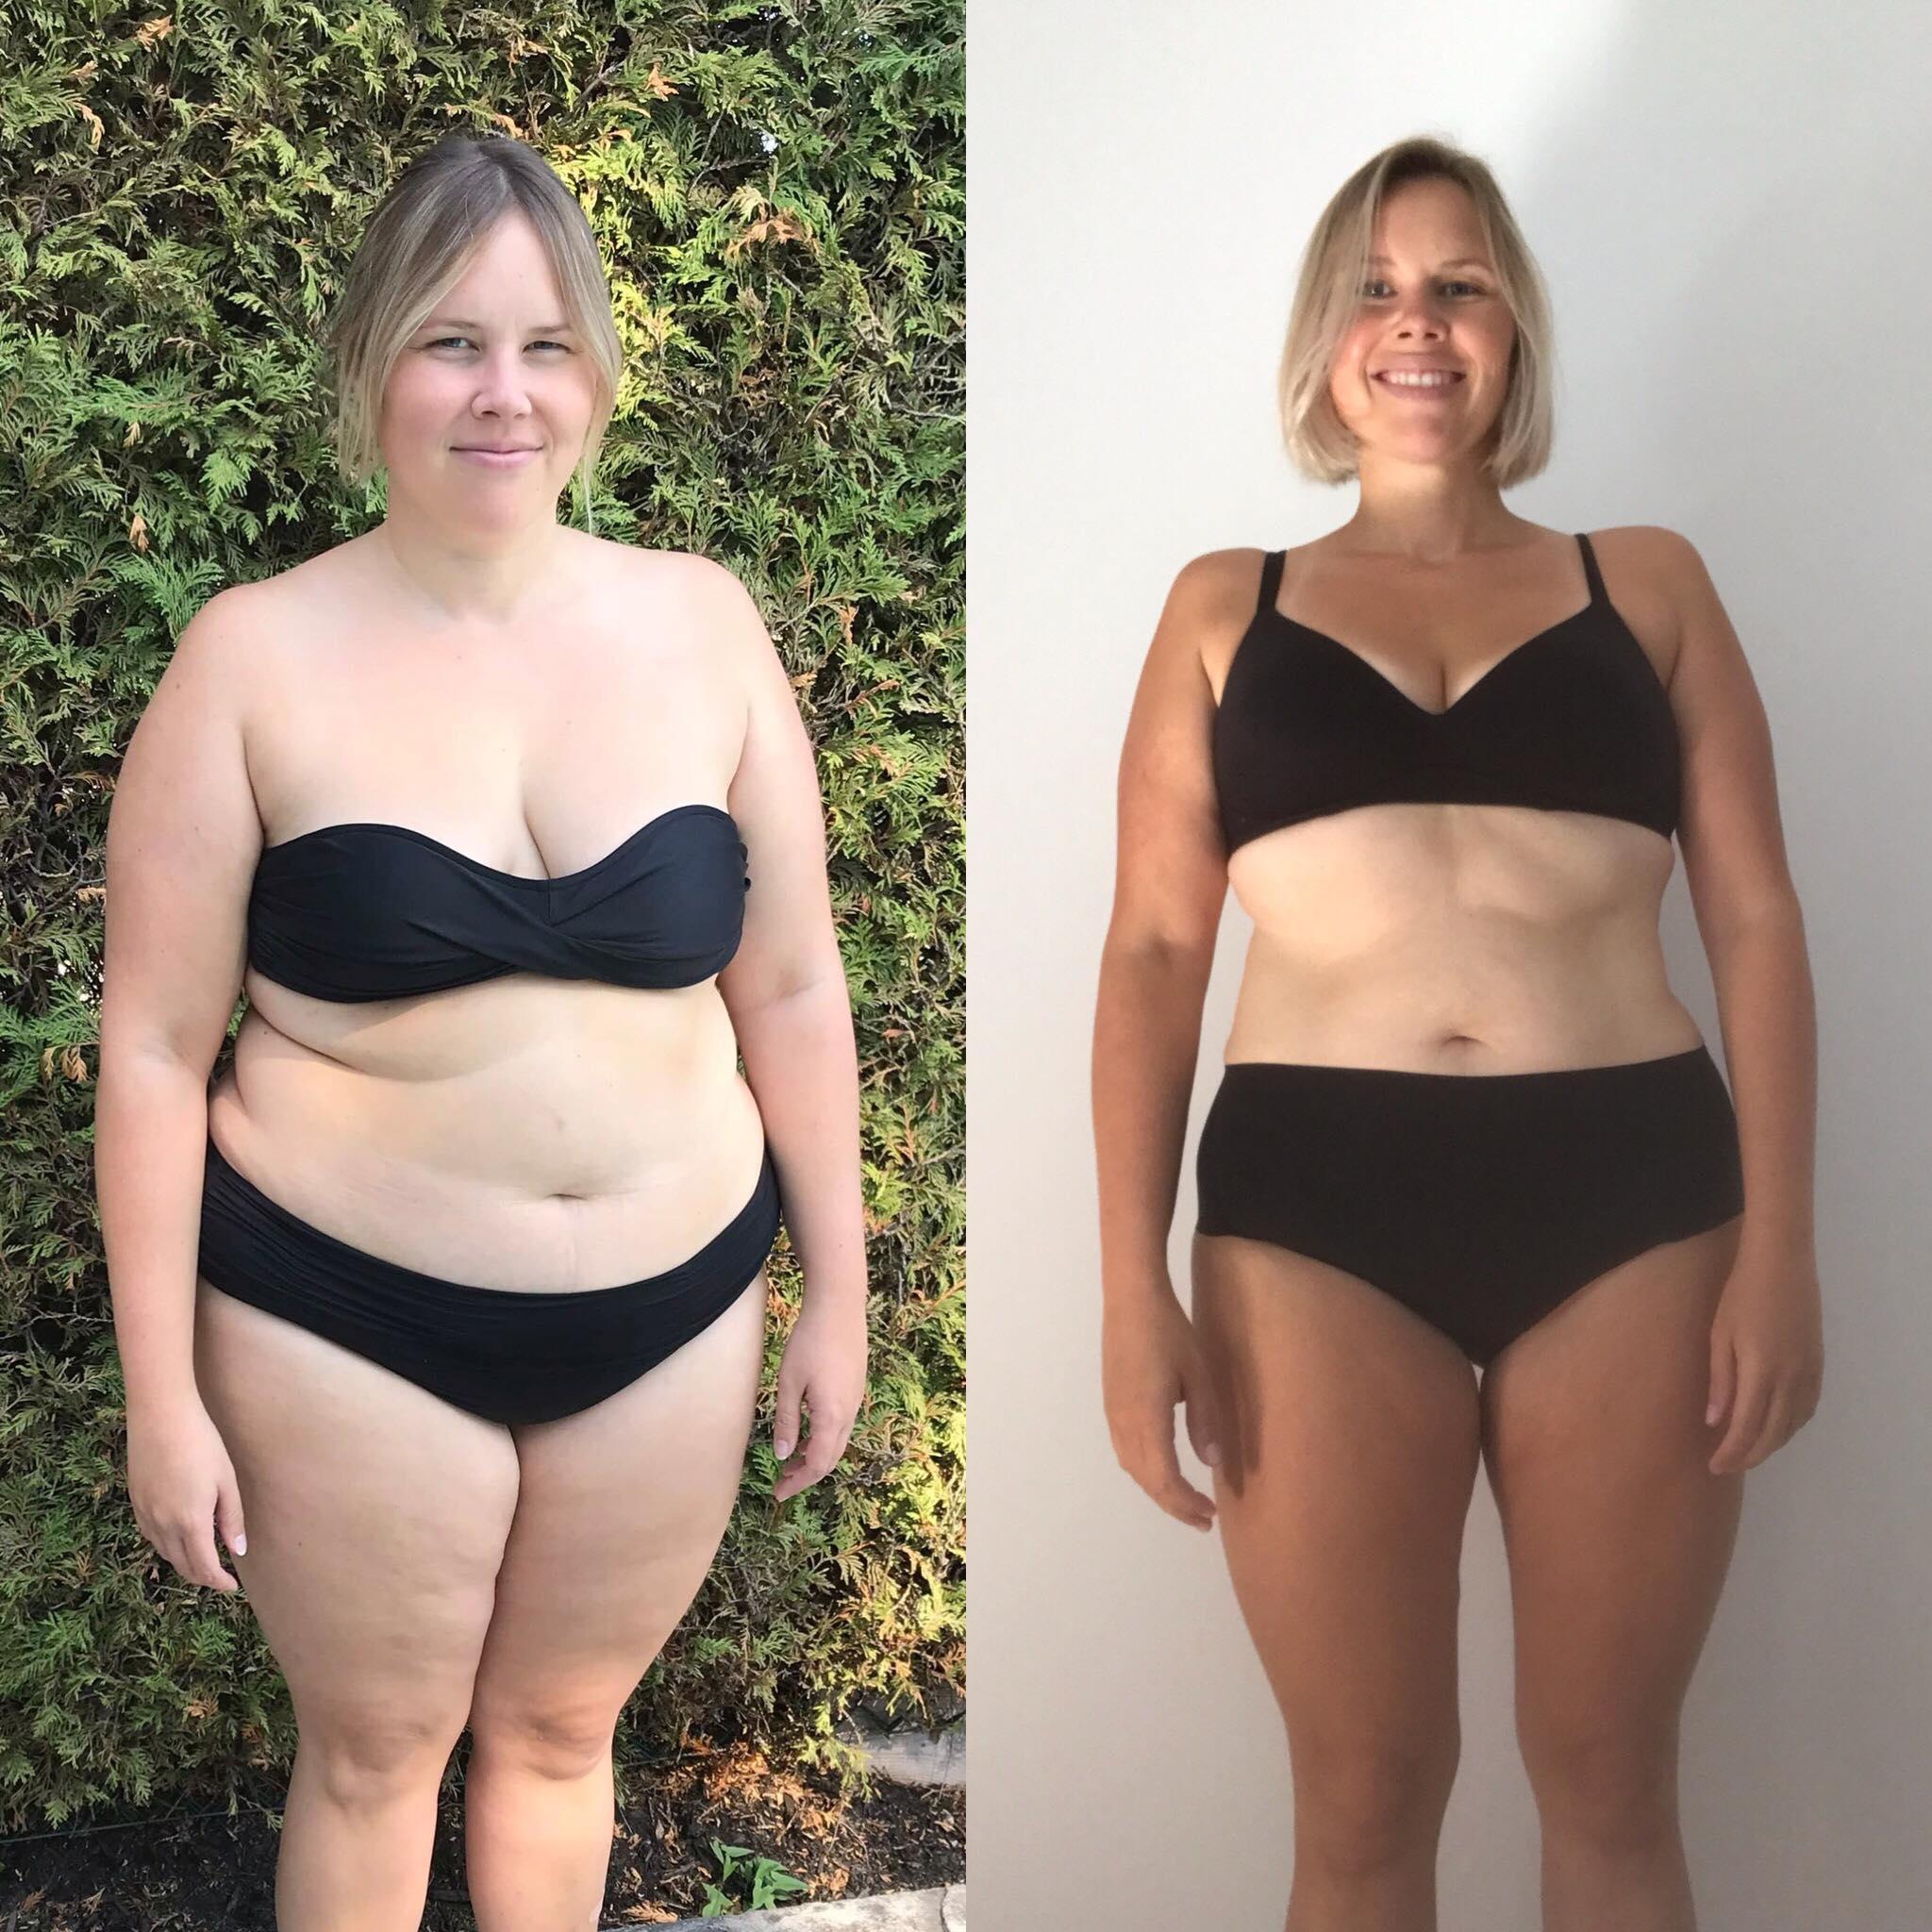 J'ai perdu 120 livres et j'ai réalisé mon rêve